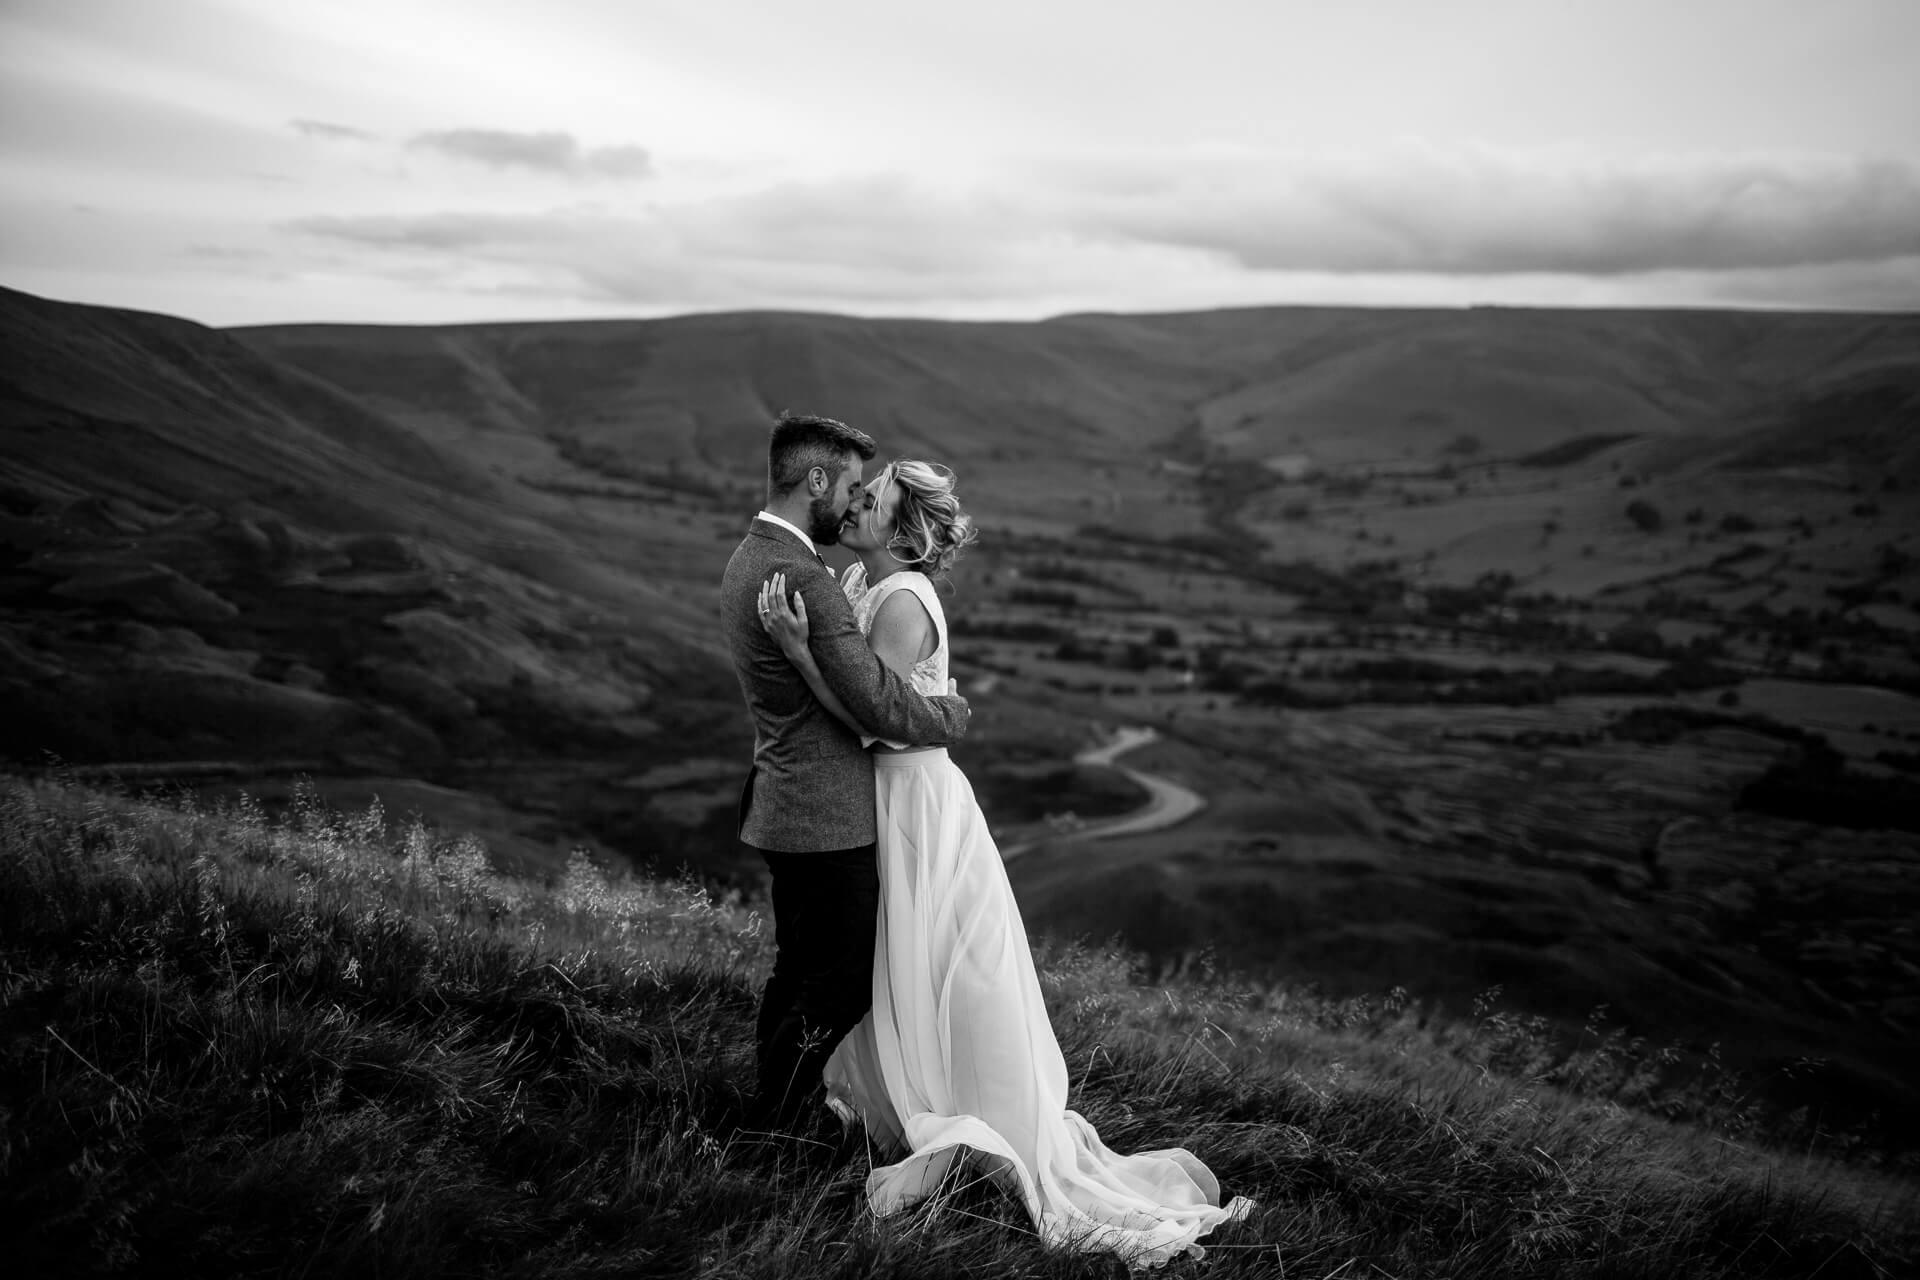 emily_little_wedding_photography__sheffiled-13